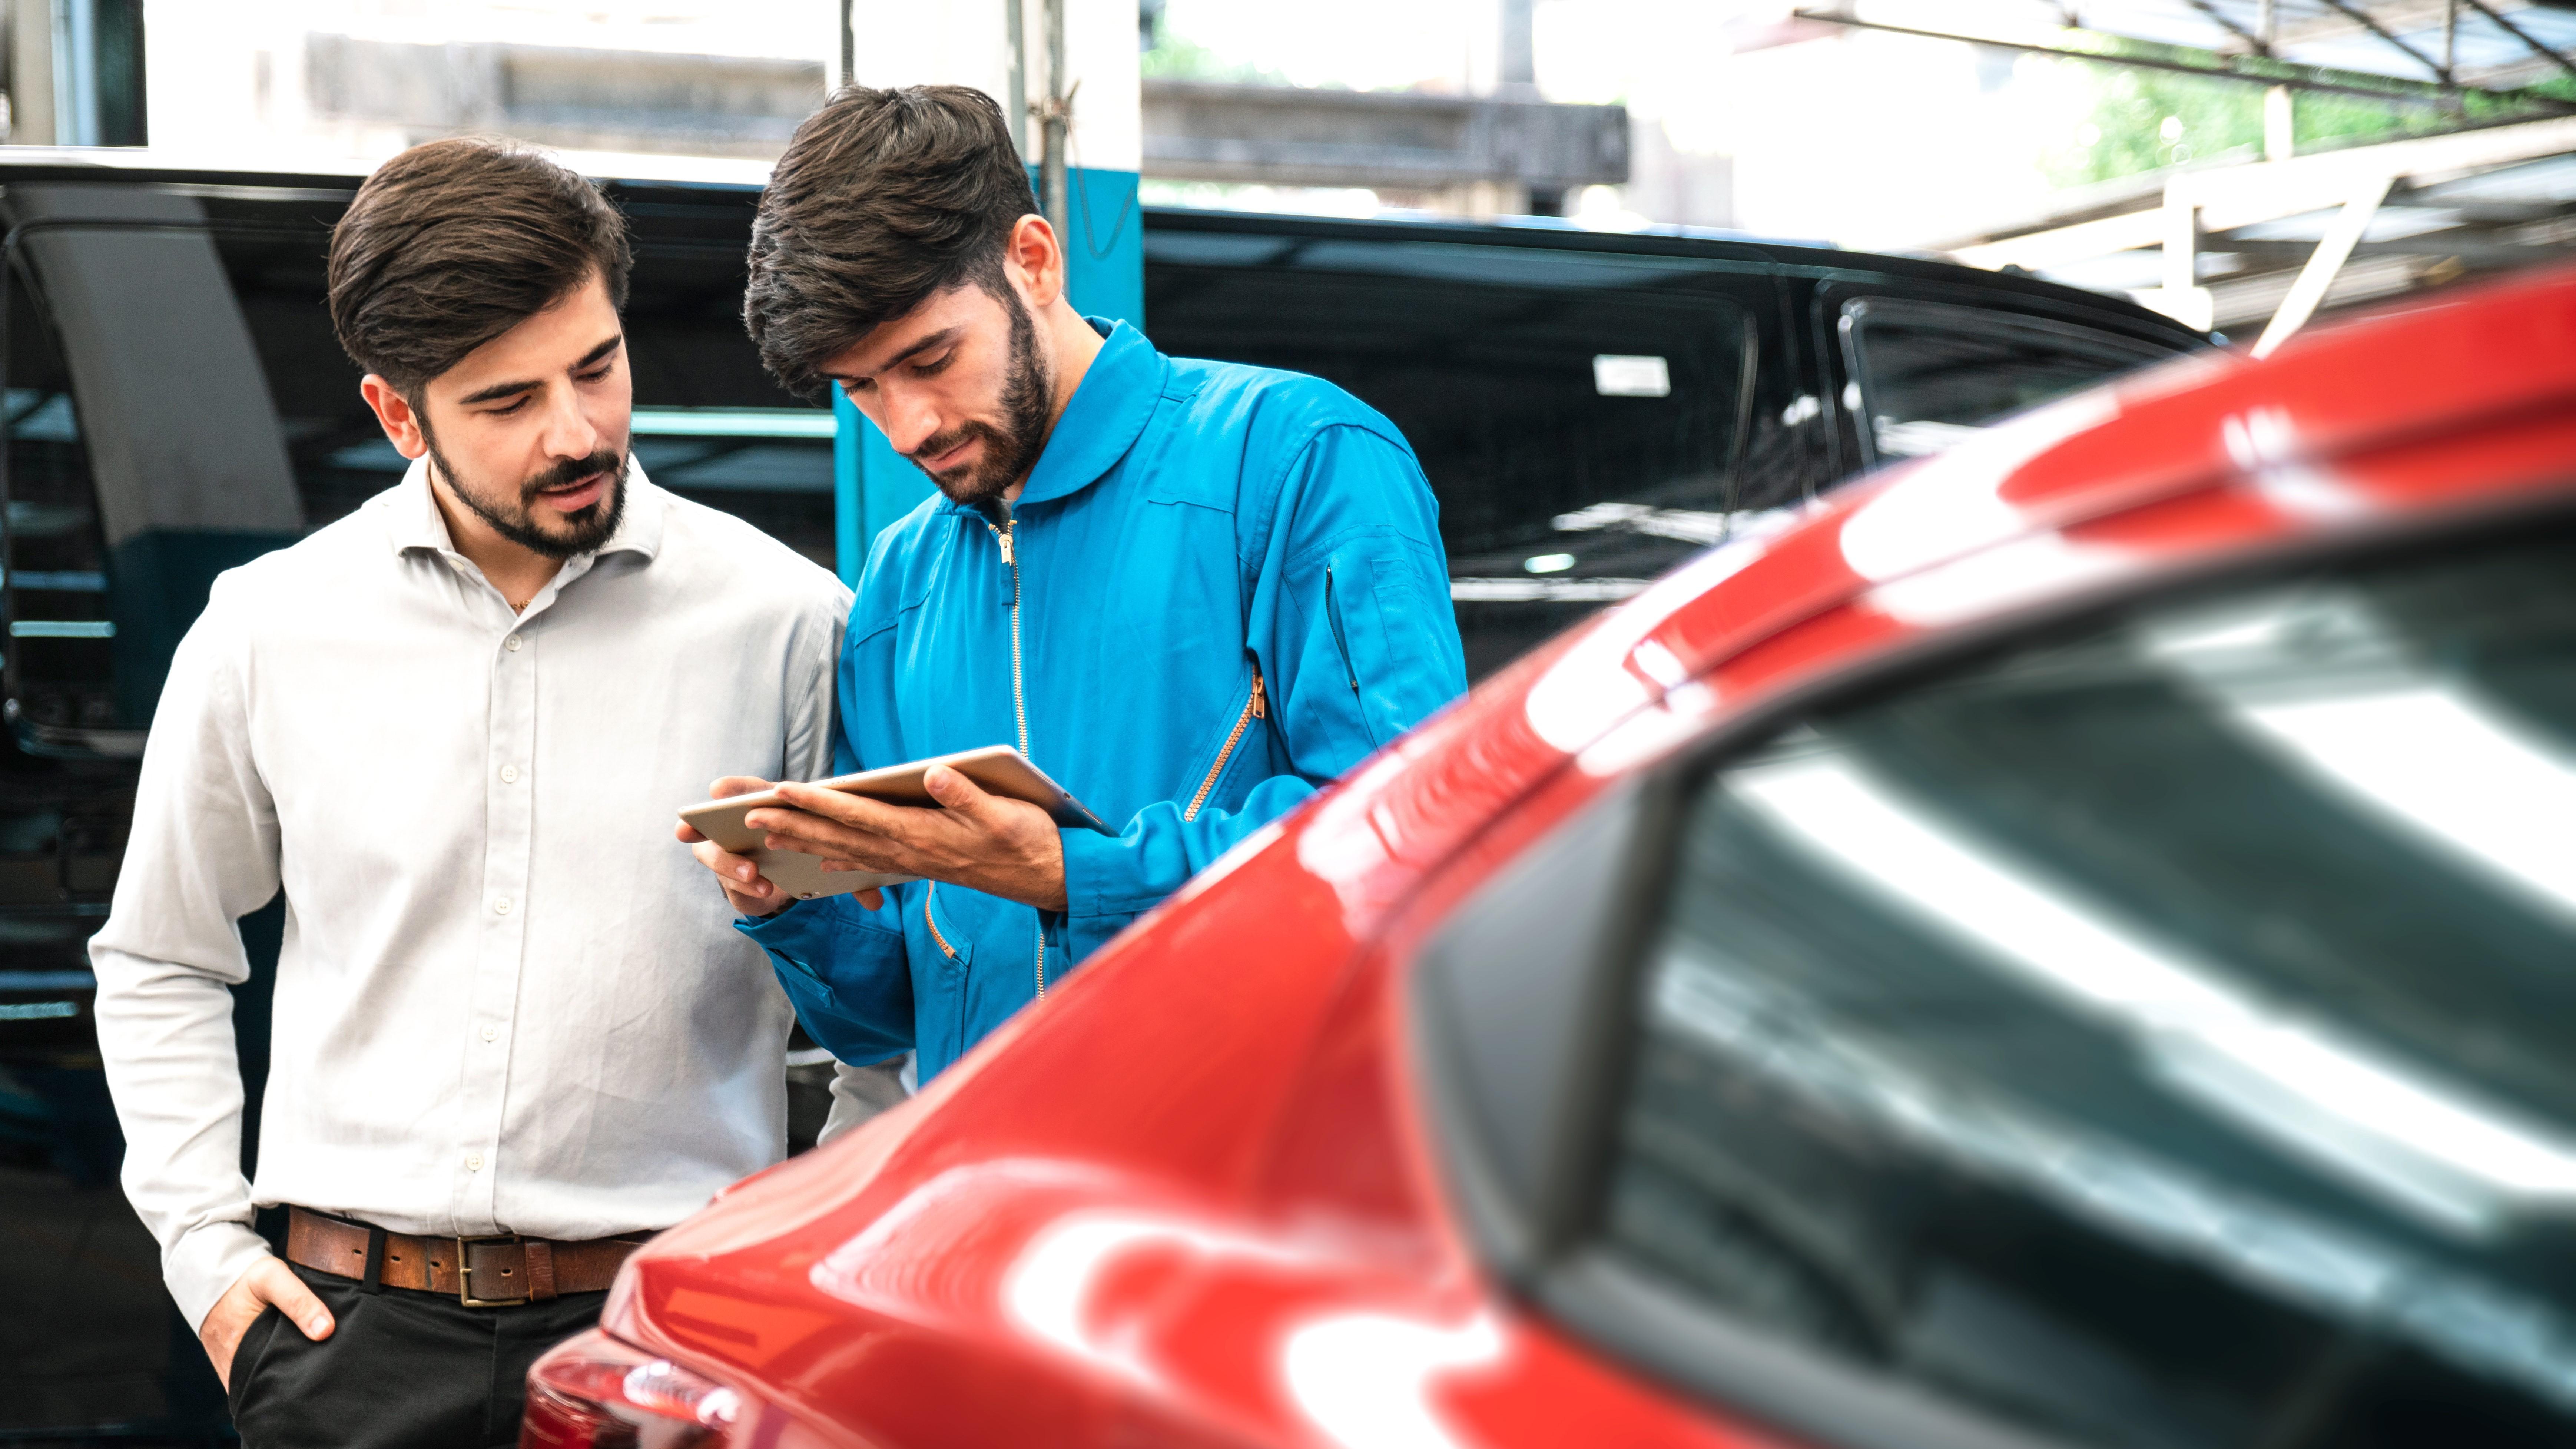 Avec la tablette, transformez les postures vendeurs et améliorez votre performance commerciale !